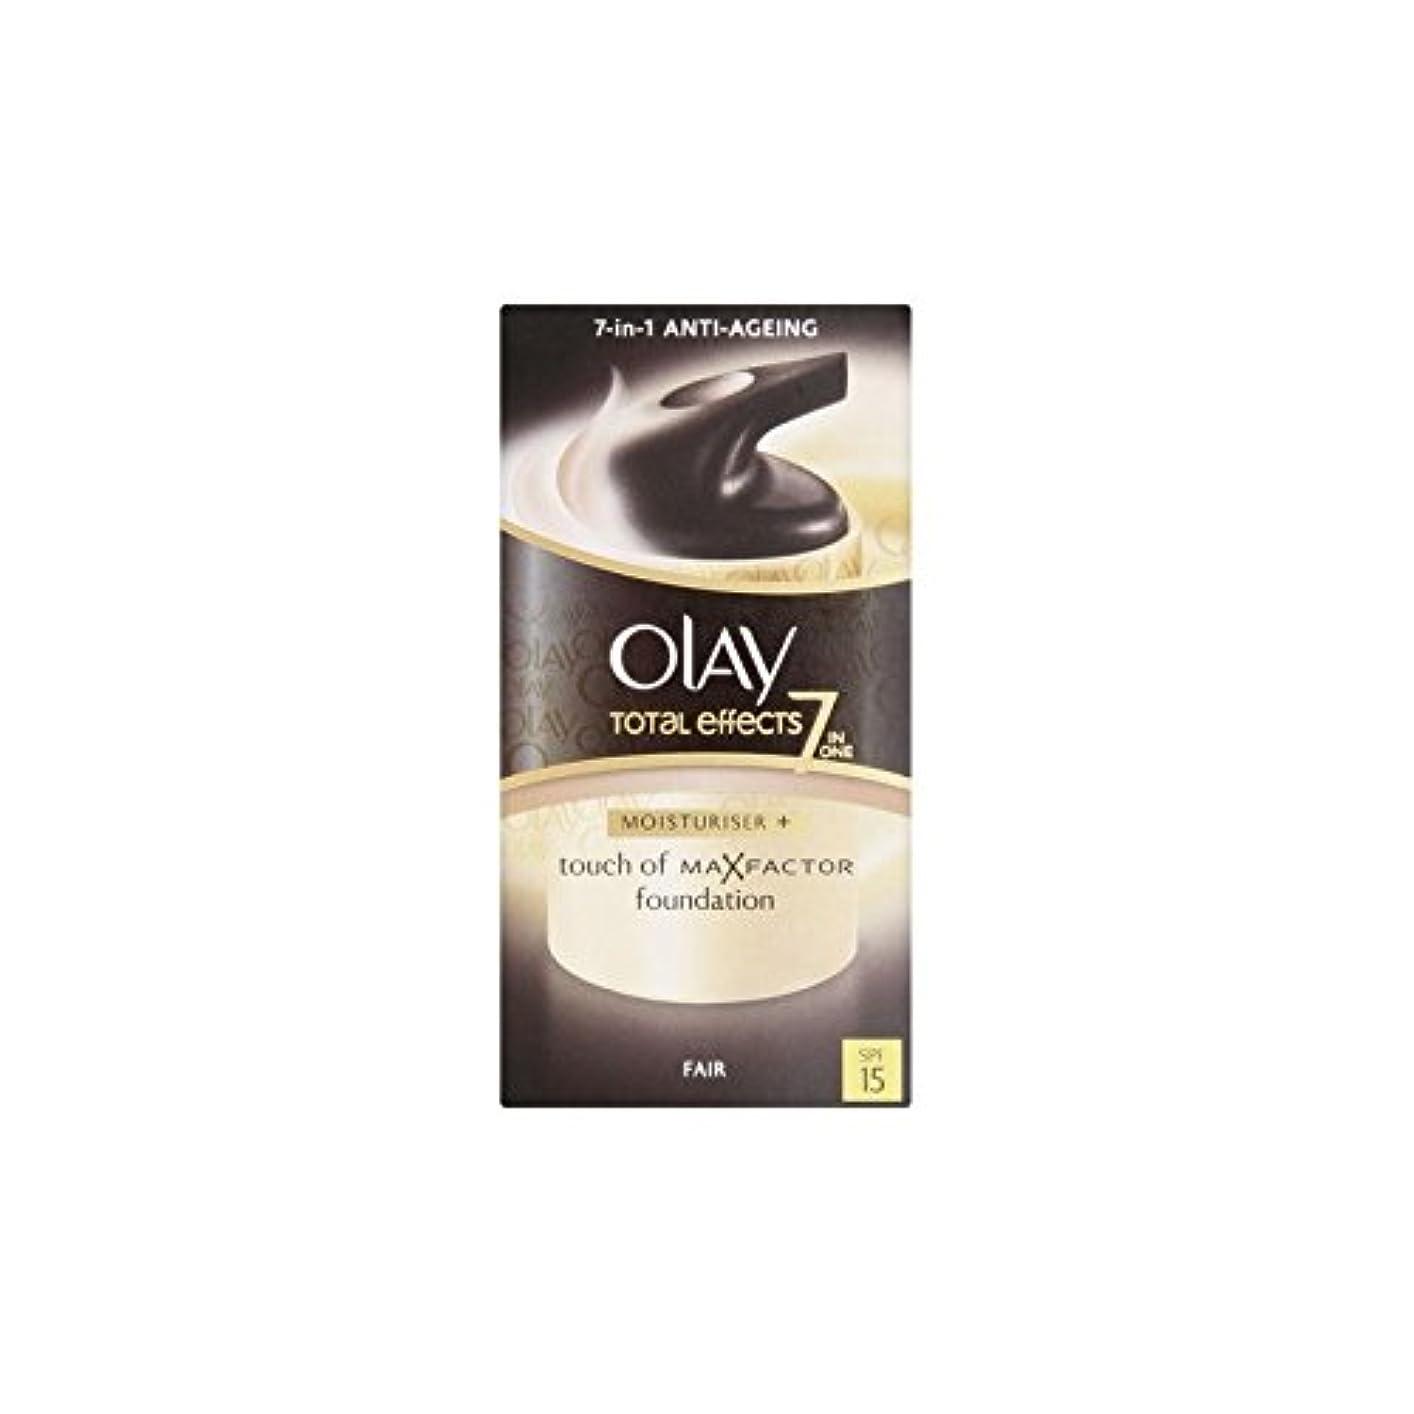 生き残り巻き取りすべきOlay Total Effects Moisturiser Bb Cream Spf15 - Fair (50ml) - オーレイトータルエフェクト保湿クリーム15 - フェア(50ミリリットル) [並行輸入品]